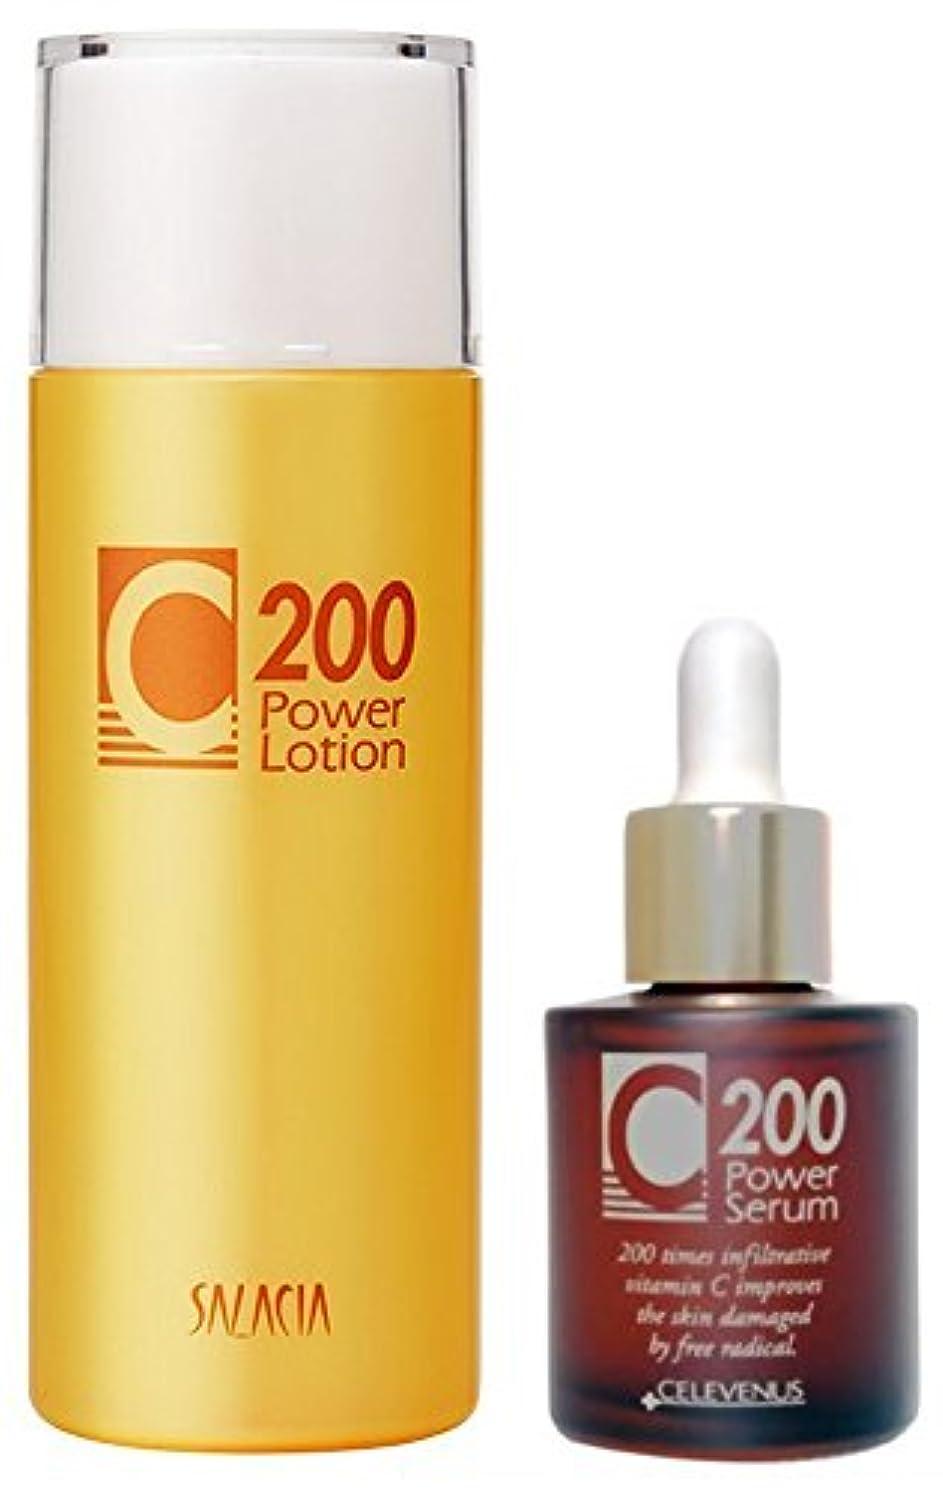 びっくりする一貫性のないバーストC200パワーセラム(30ml)&C200パワーローション(150ml)